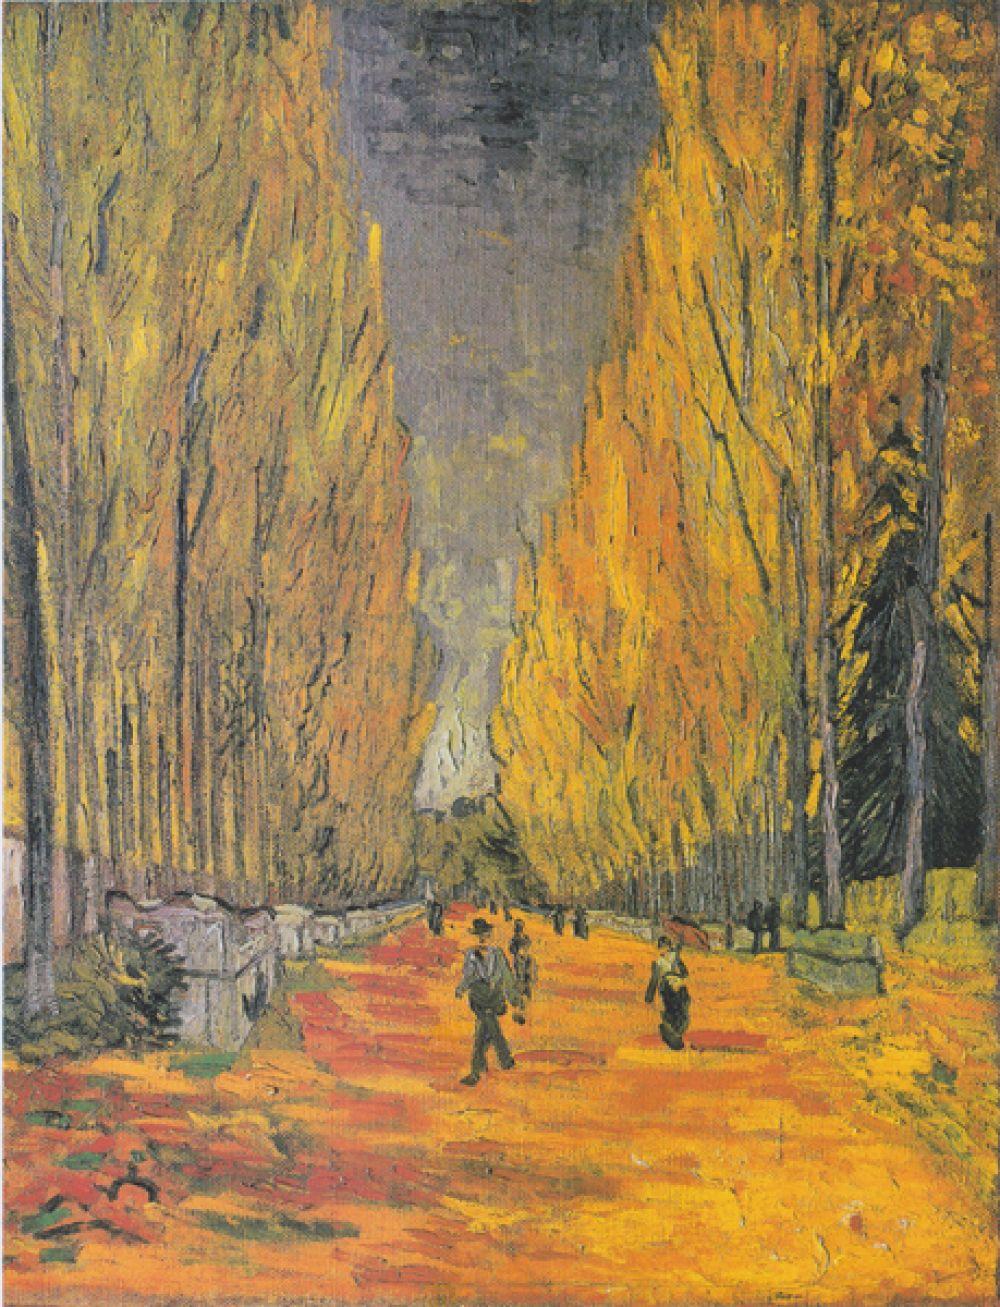 Картина «Алискамп» была продана на аукционе Sotheby's в 2015 году за 66,3 млн долларов. Этот осенний пейзаж Ван Гог написал в 1888 году в Арле, где работал вместе с Гогеном. На ней изображена аллея в древнем римском некрополе Алискамп.